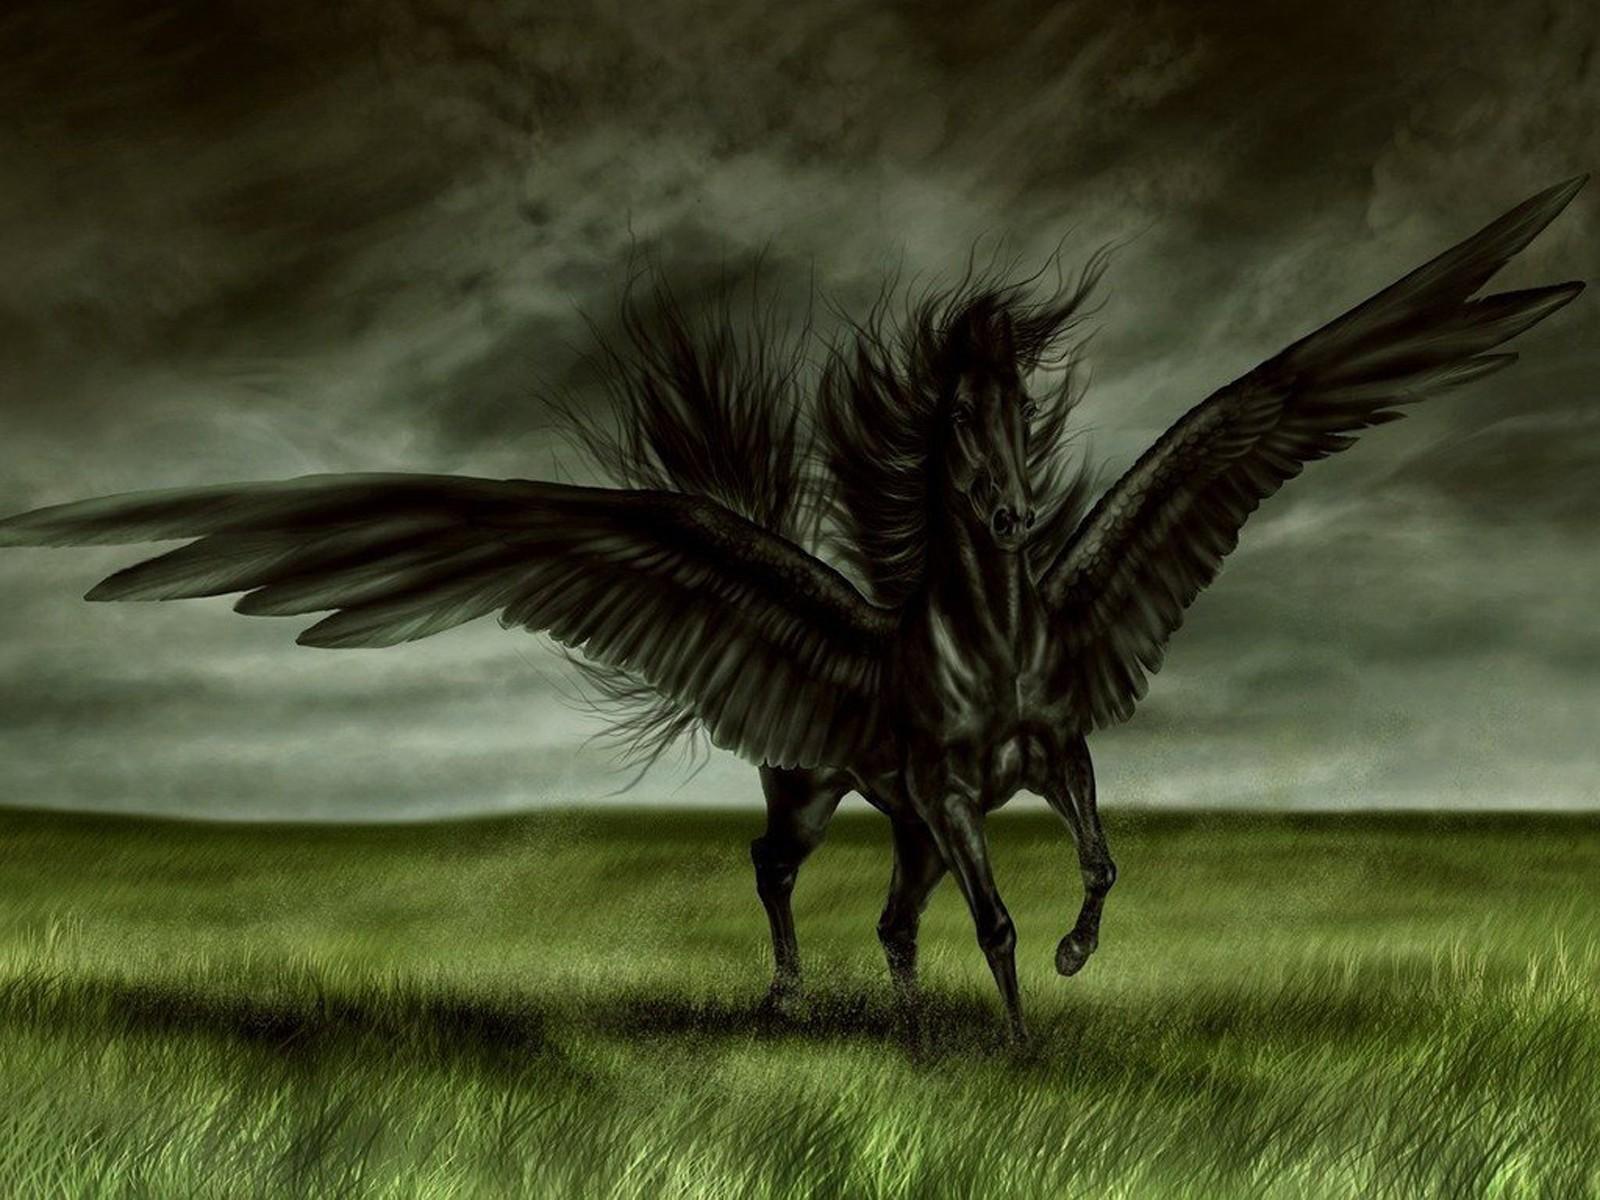 Black Horse Desktop Wallpapers 1600x1200